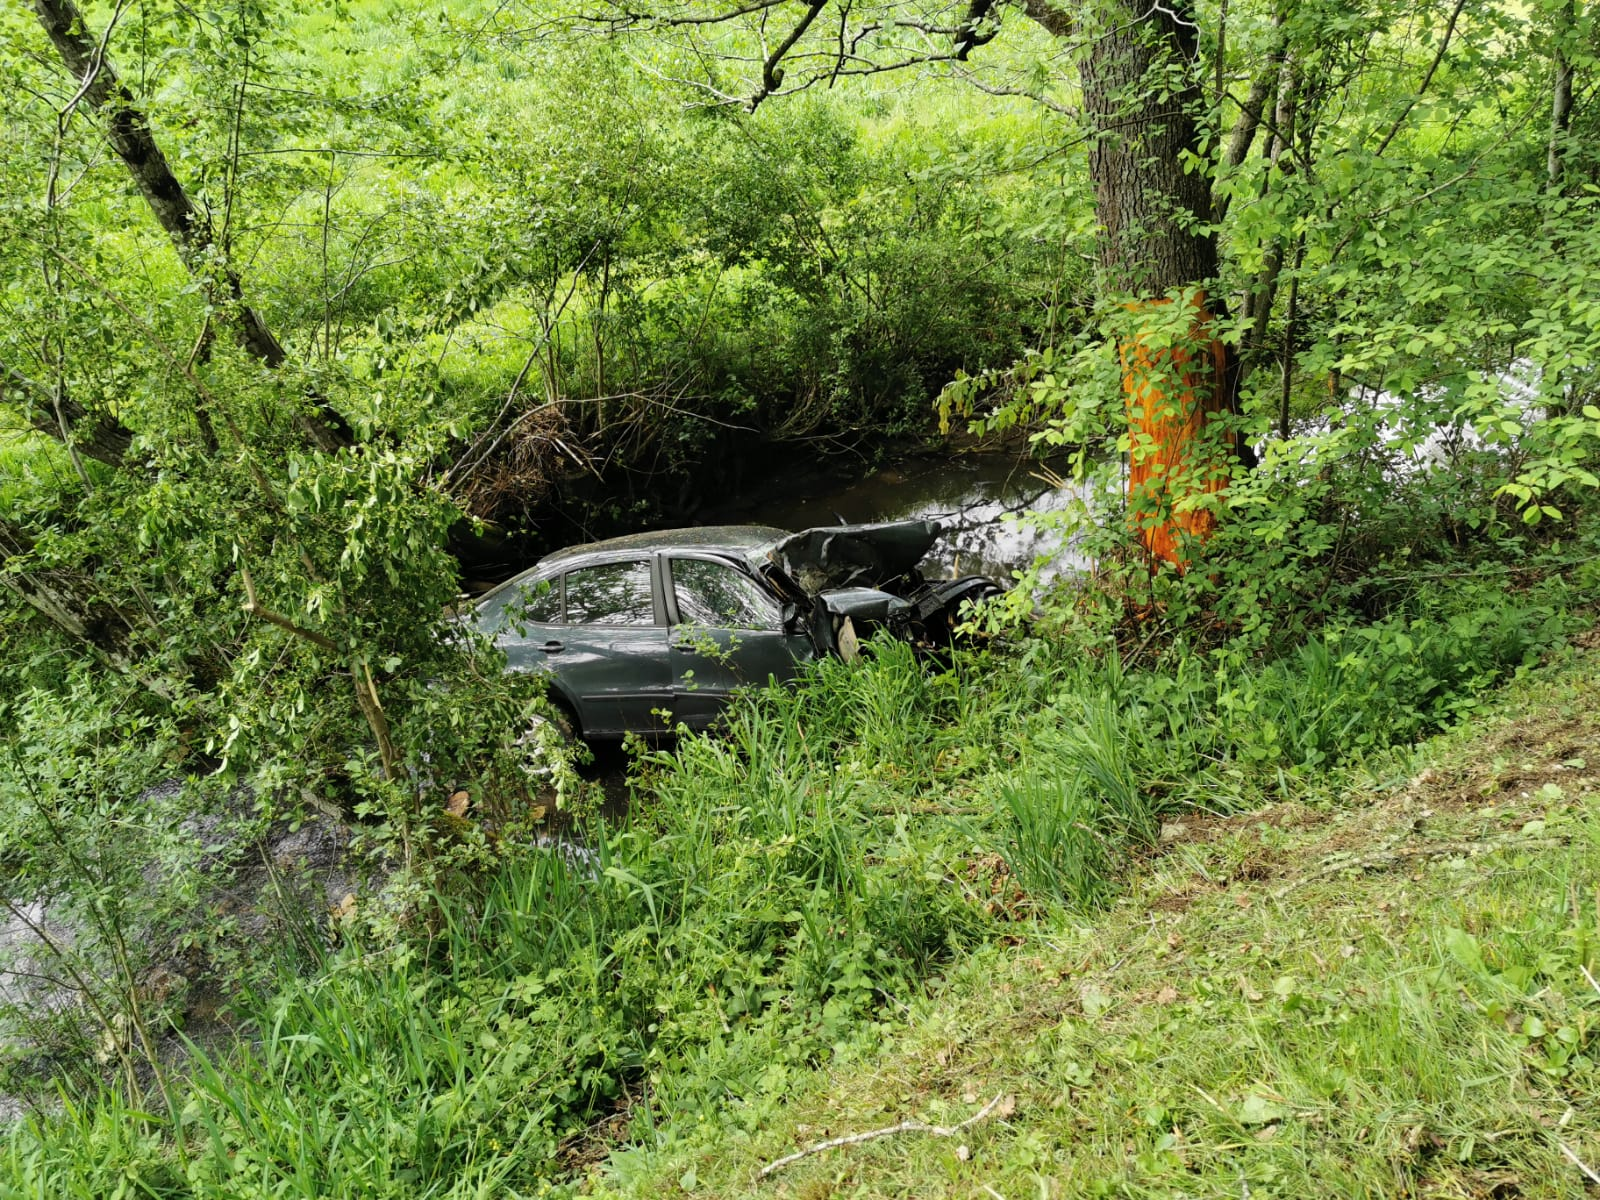 Einsatz: T10 - Verkehrsunfall mit eingeklemmter Person